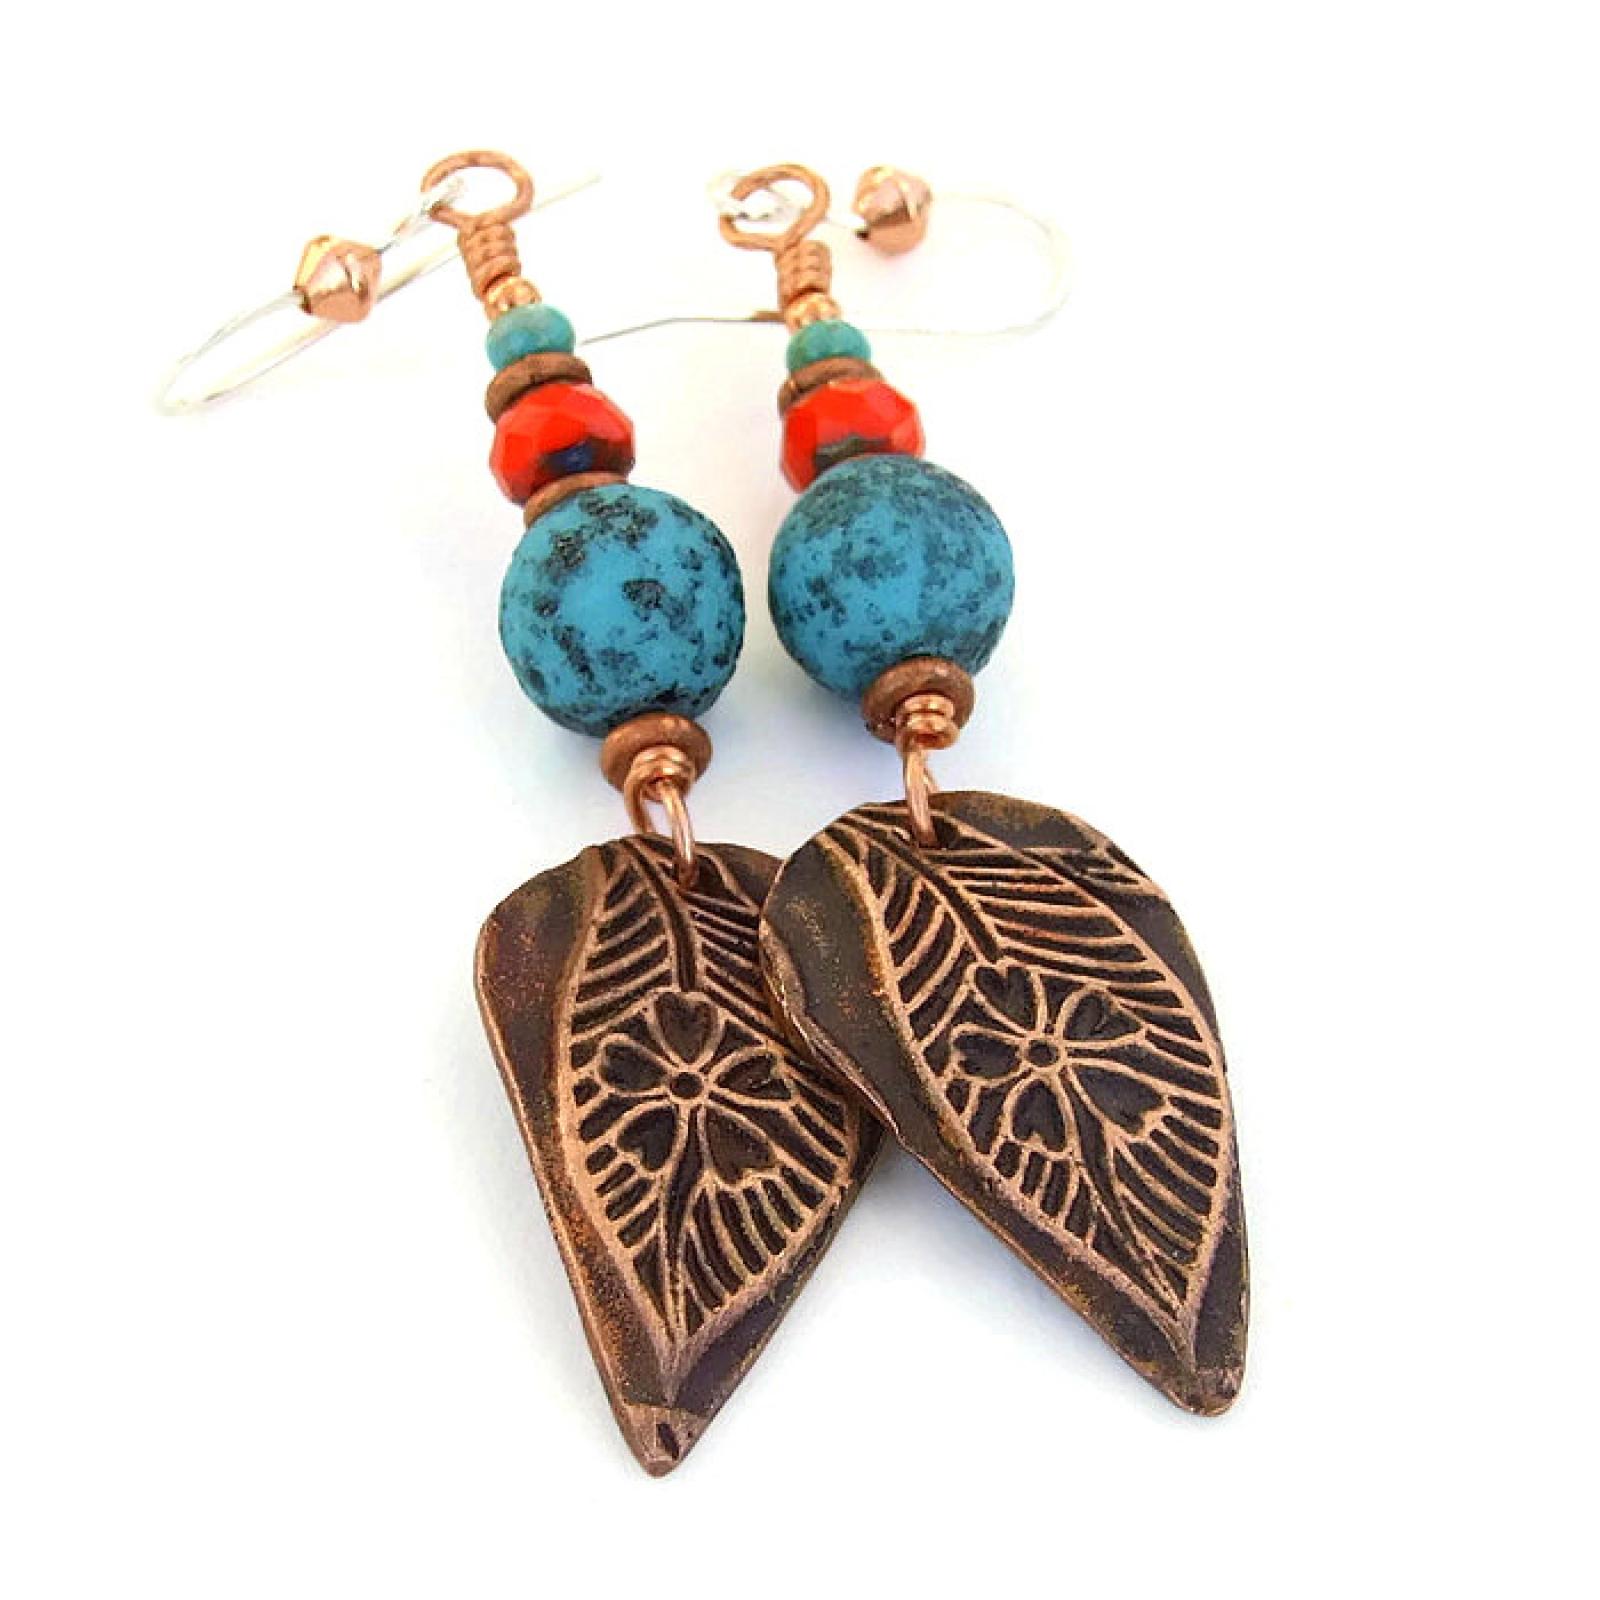 Leaf flower earrings handmade jewelry gift copper